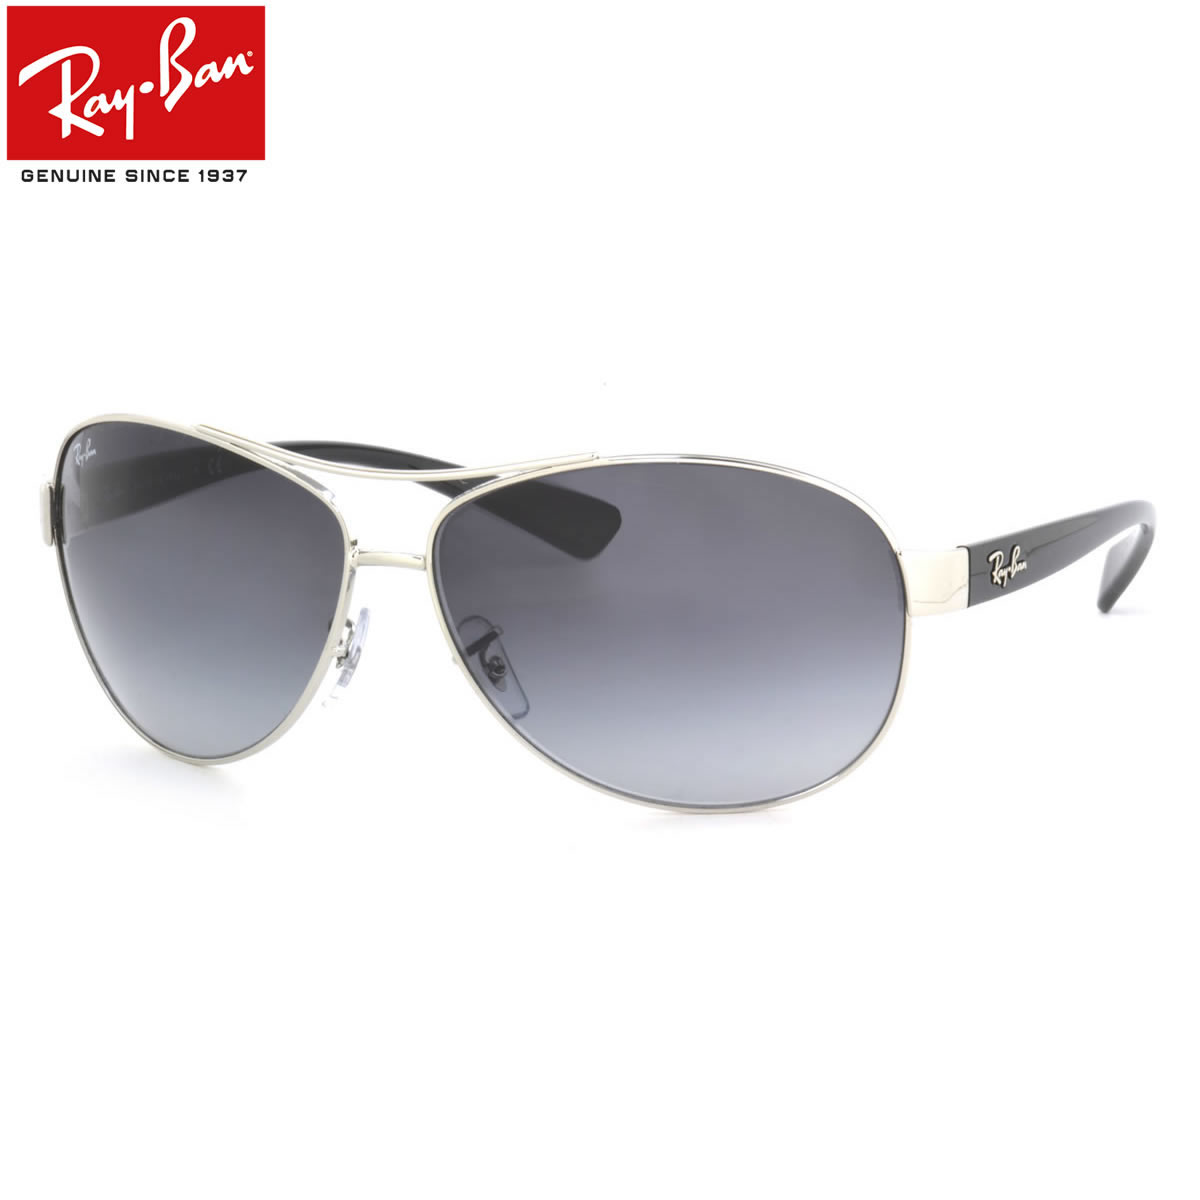 【Ray-Ban】(レイバン) サングラス RB3386 003/8G 67サイズ レイバ…...:thats:10022292